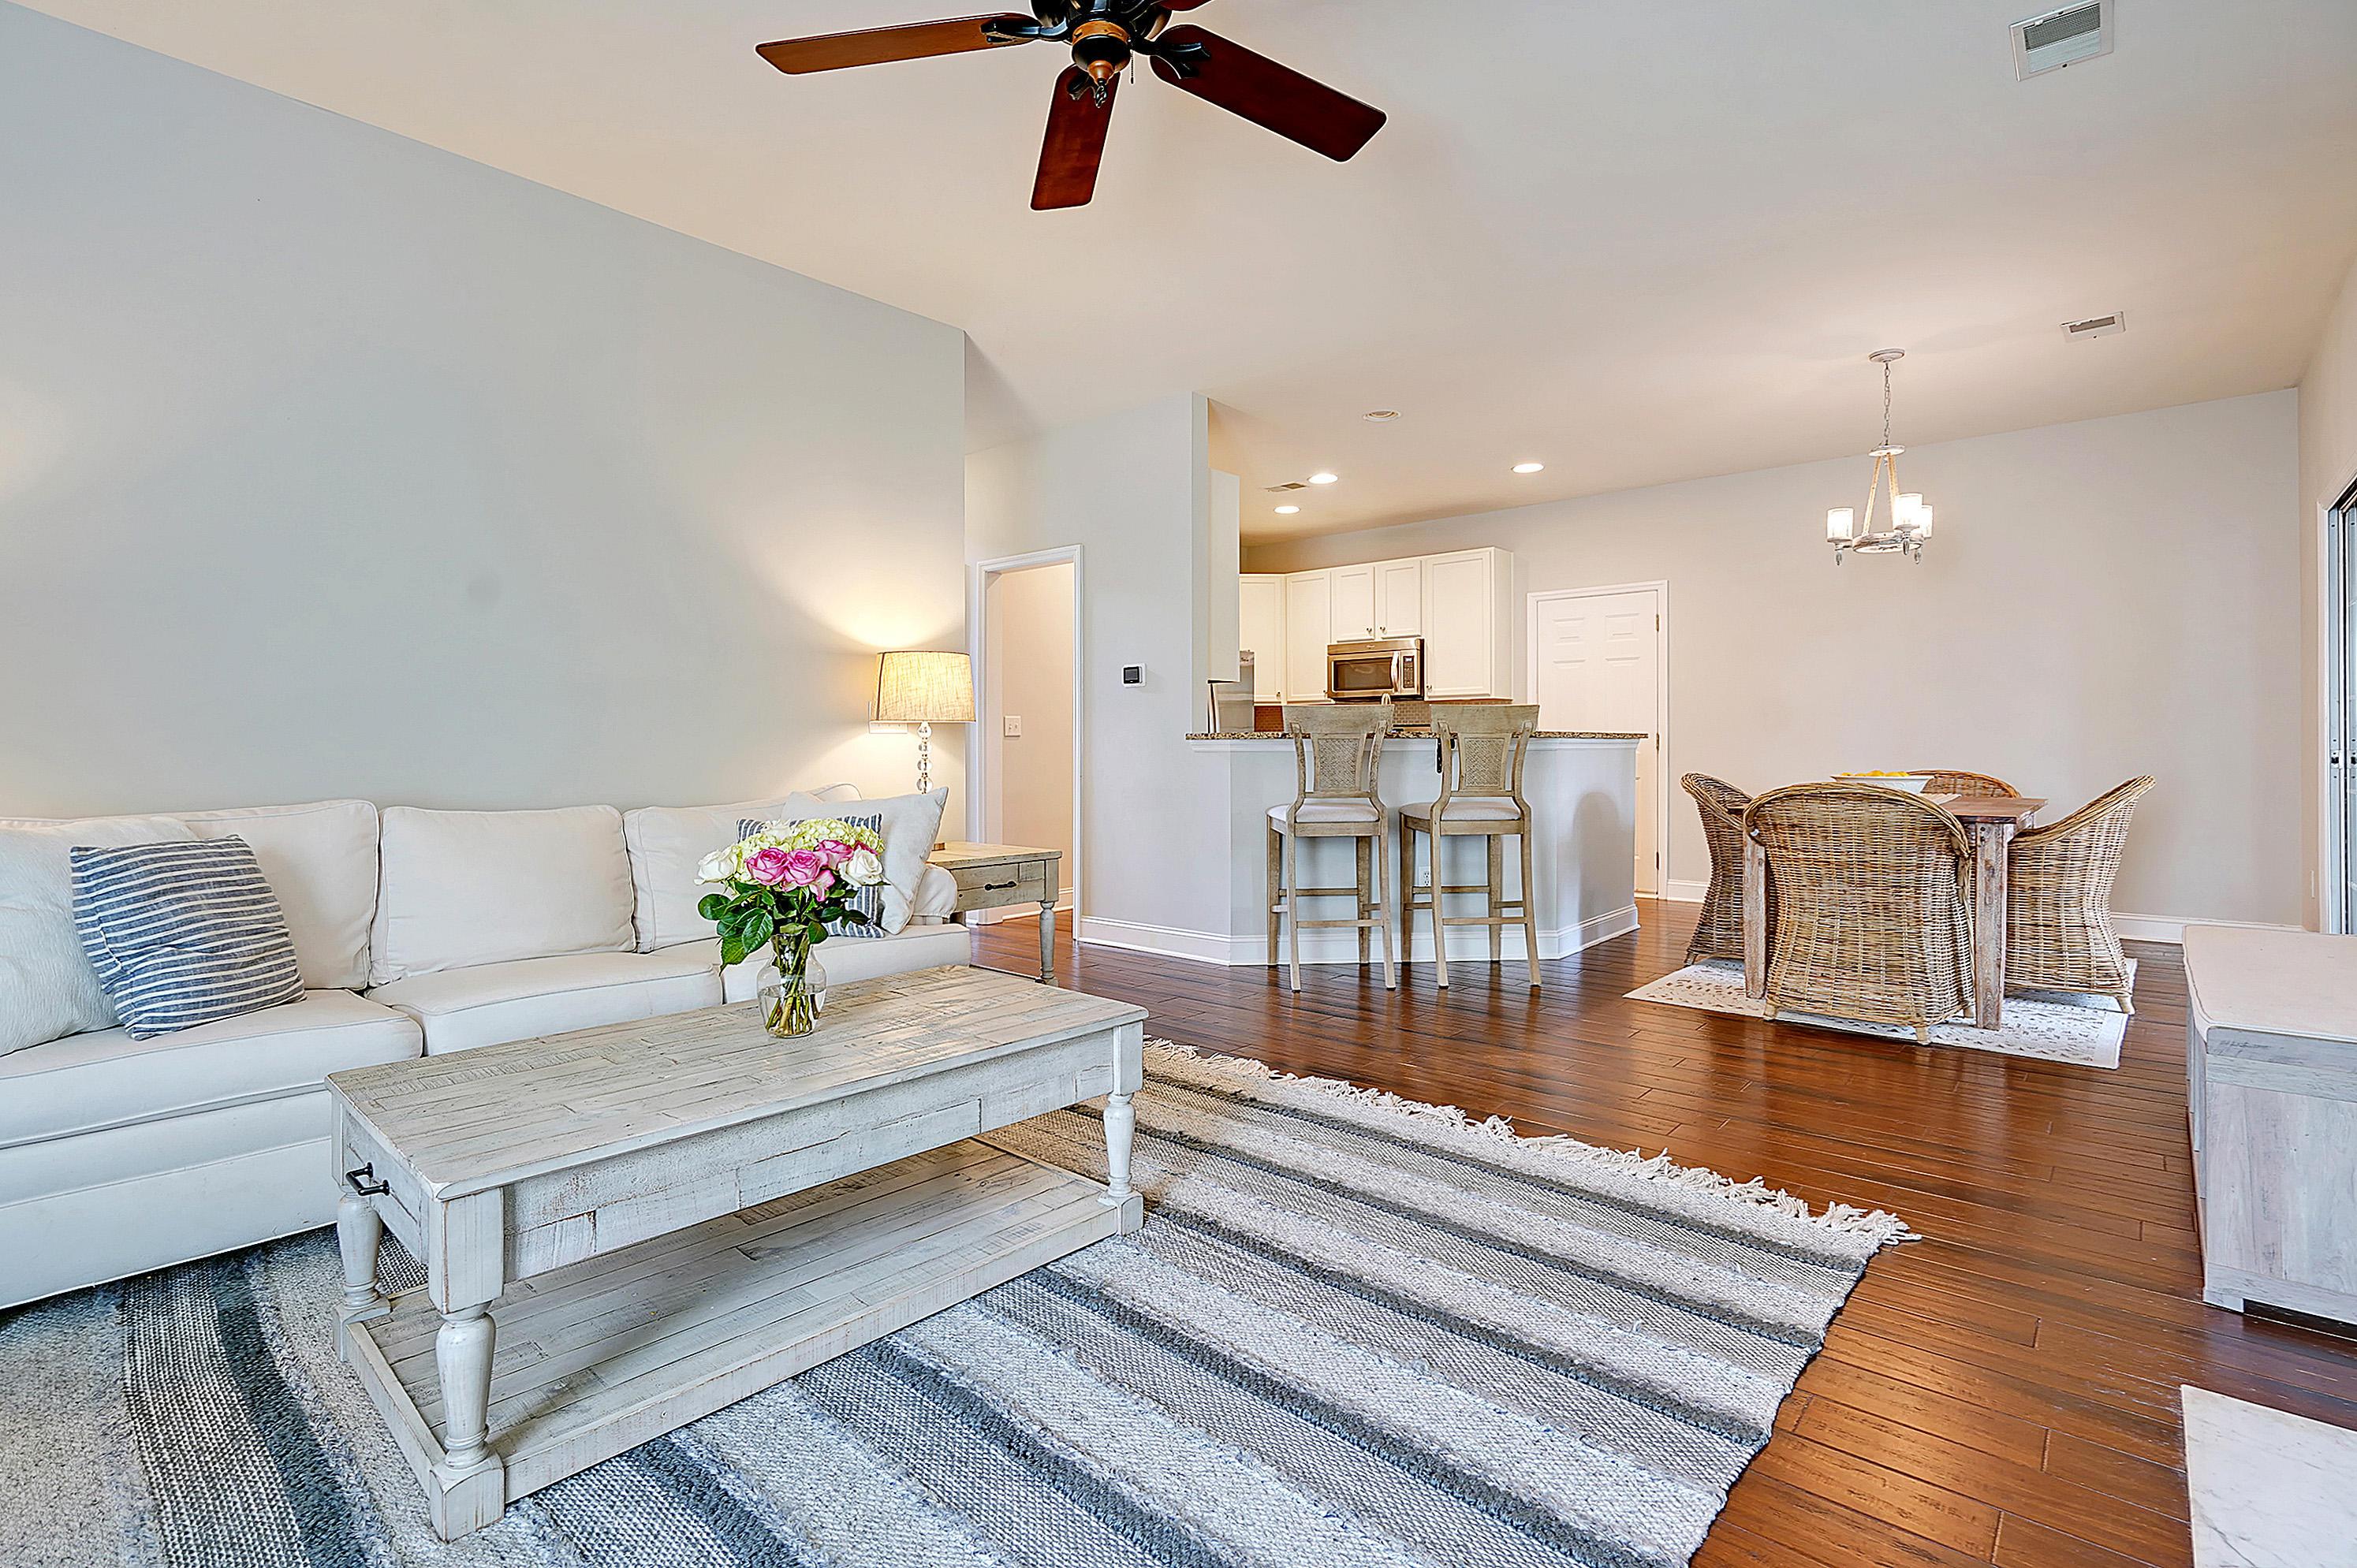 Park West Homes For Sale - 2391 Parsonage Woods, Mount Pleasant, SC - 23